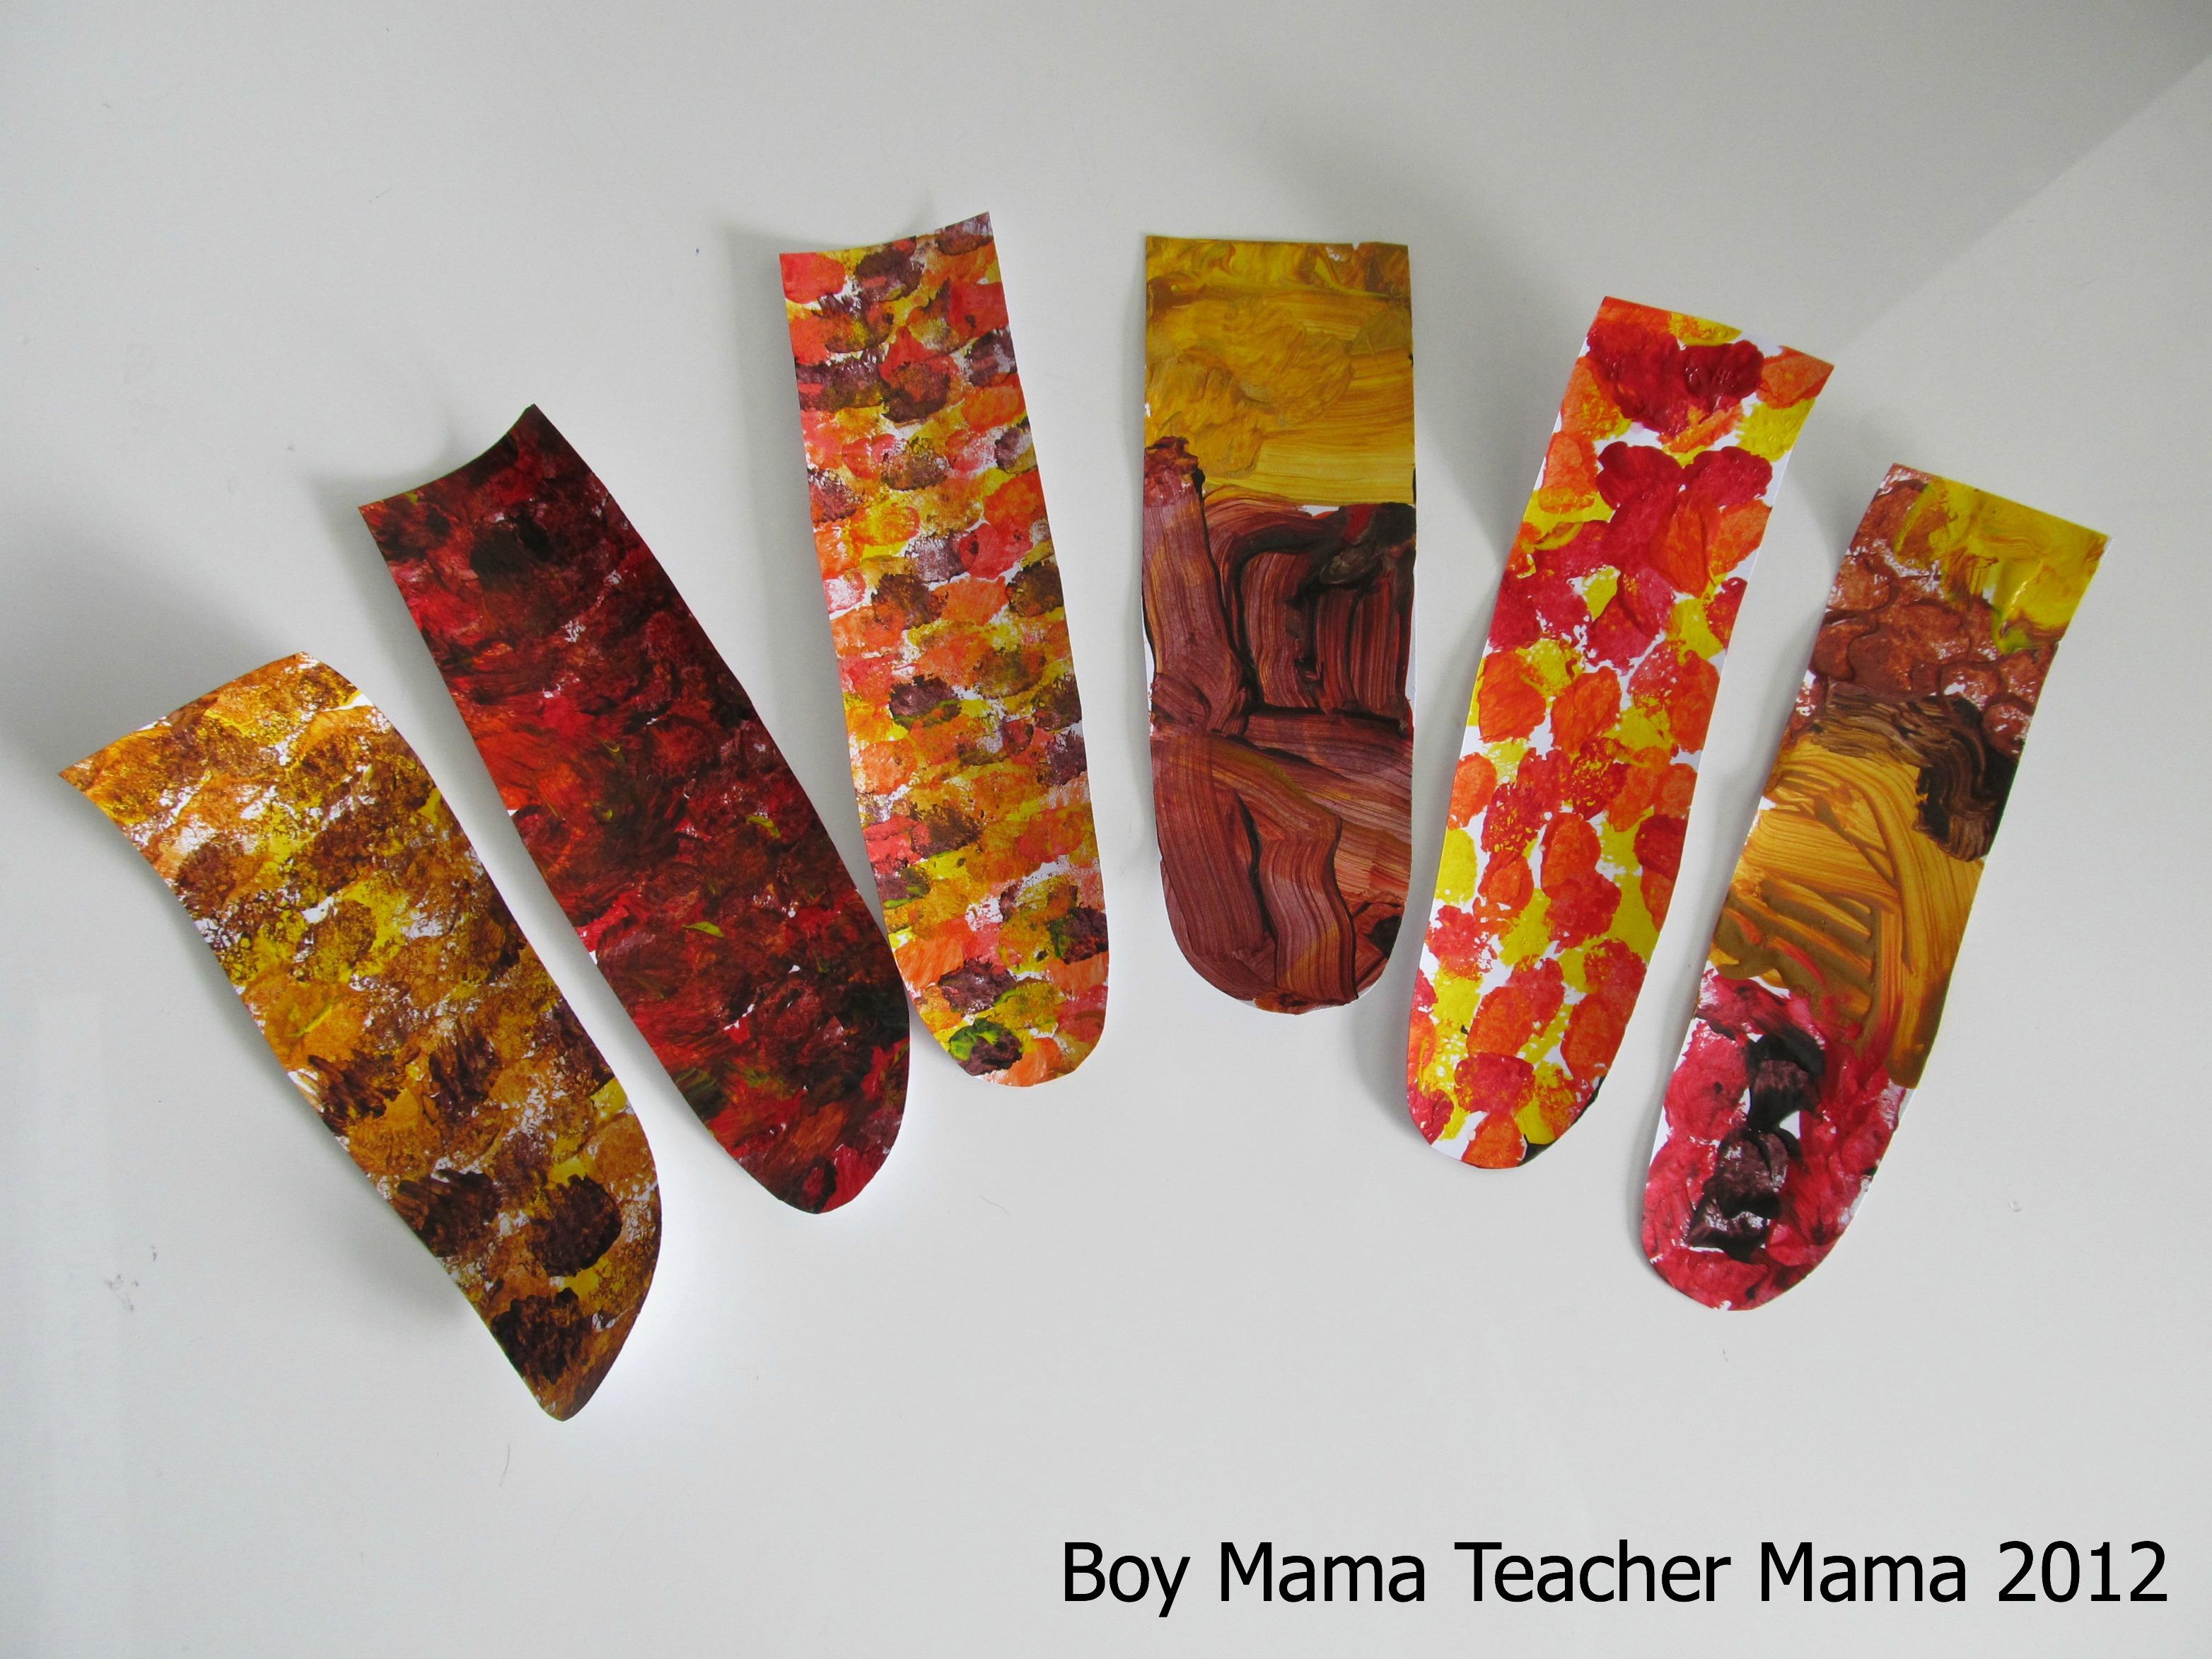 Boy Mama Teacher Mama: Making Indian Corn